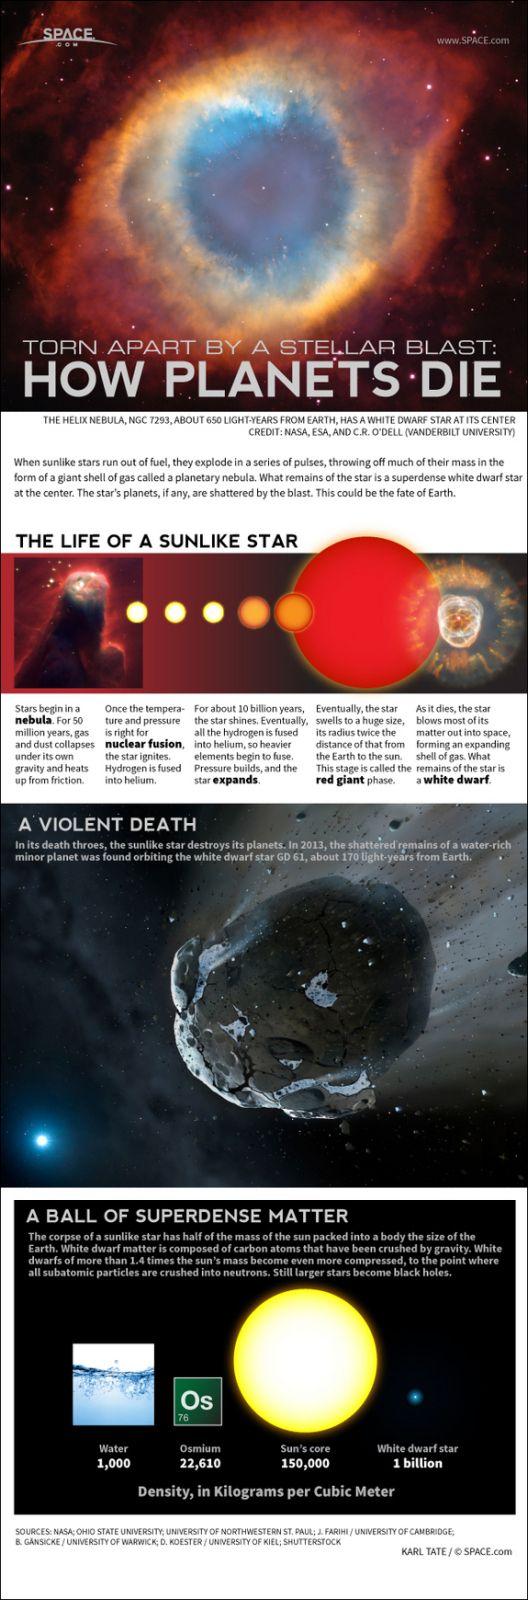 La muerte del Sol destruirá la Tierra #infografia #infographic